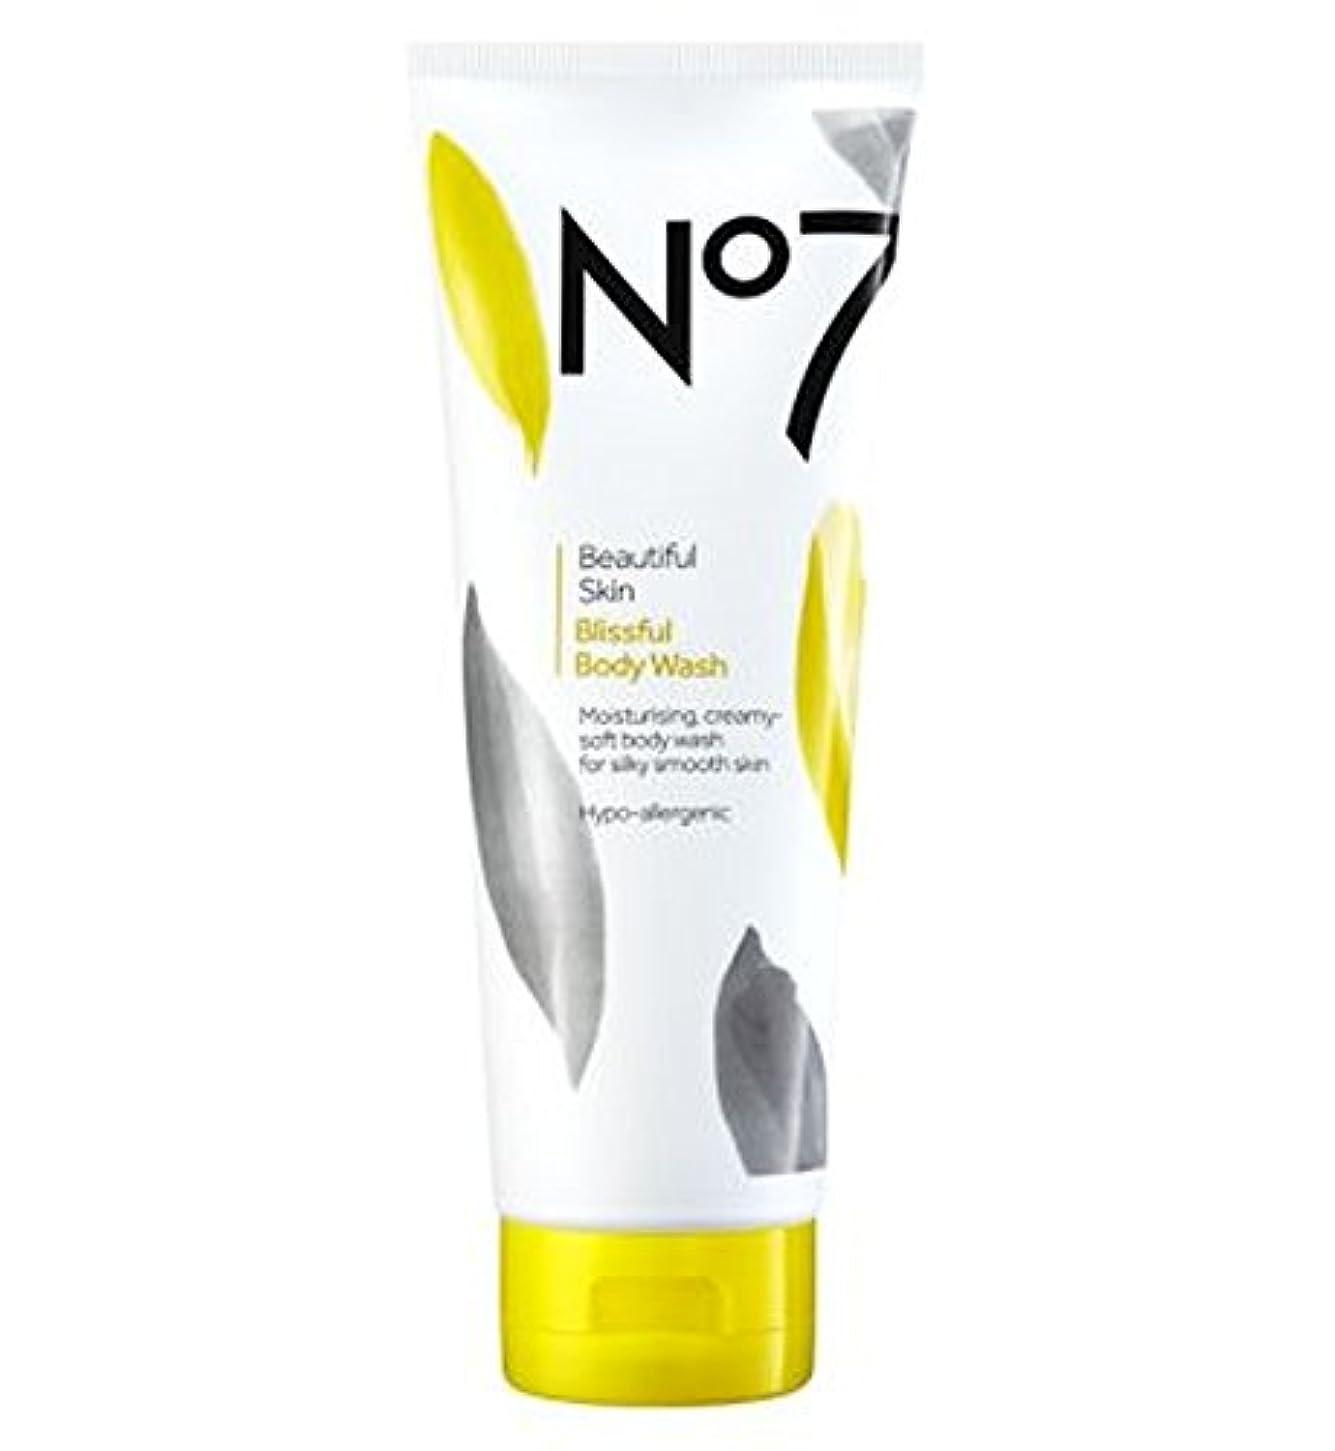 ベルト補正保証No7 Beautiful Skin Blissful Body Wash - No7美しい肌至福のボディウォッシュ (No7) [並行輸入品]